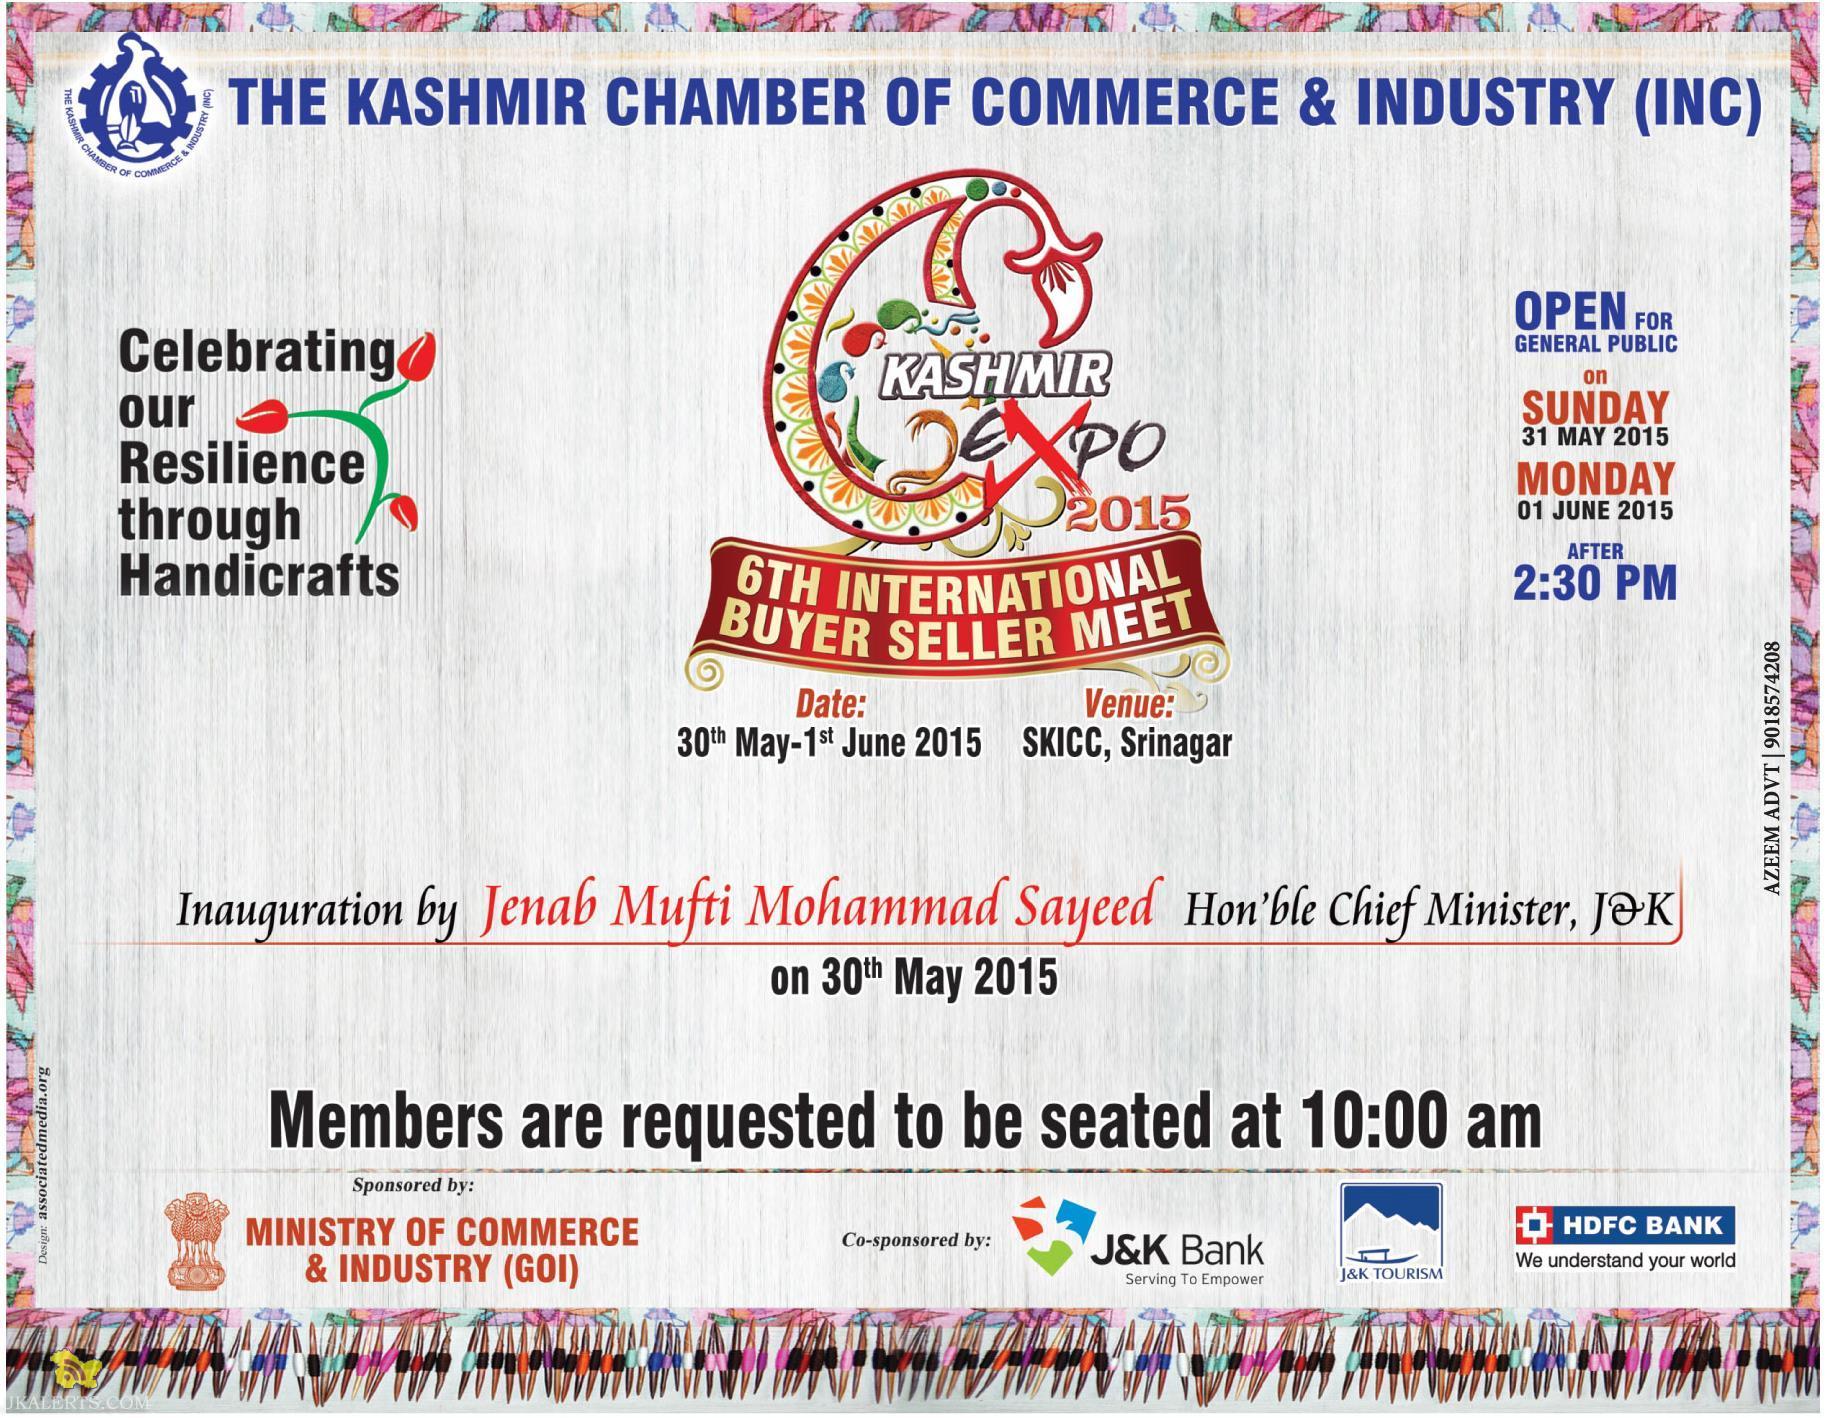 KASHMIR CHAMBER OF COMMERCE & INDUSTRY, Kashmir Expo 2015